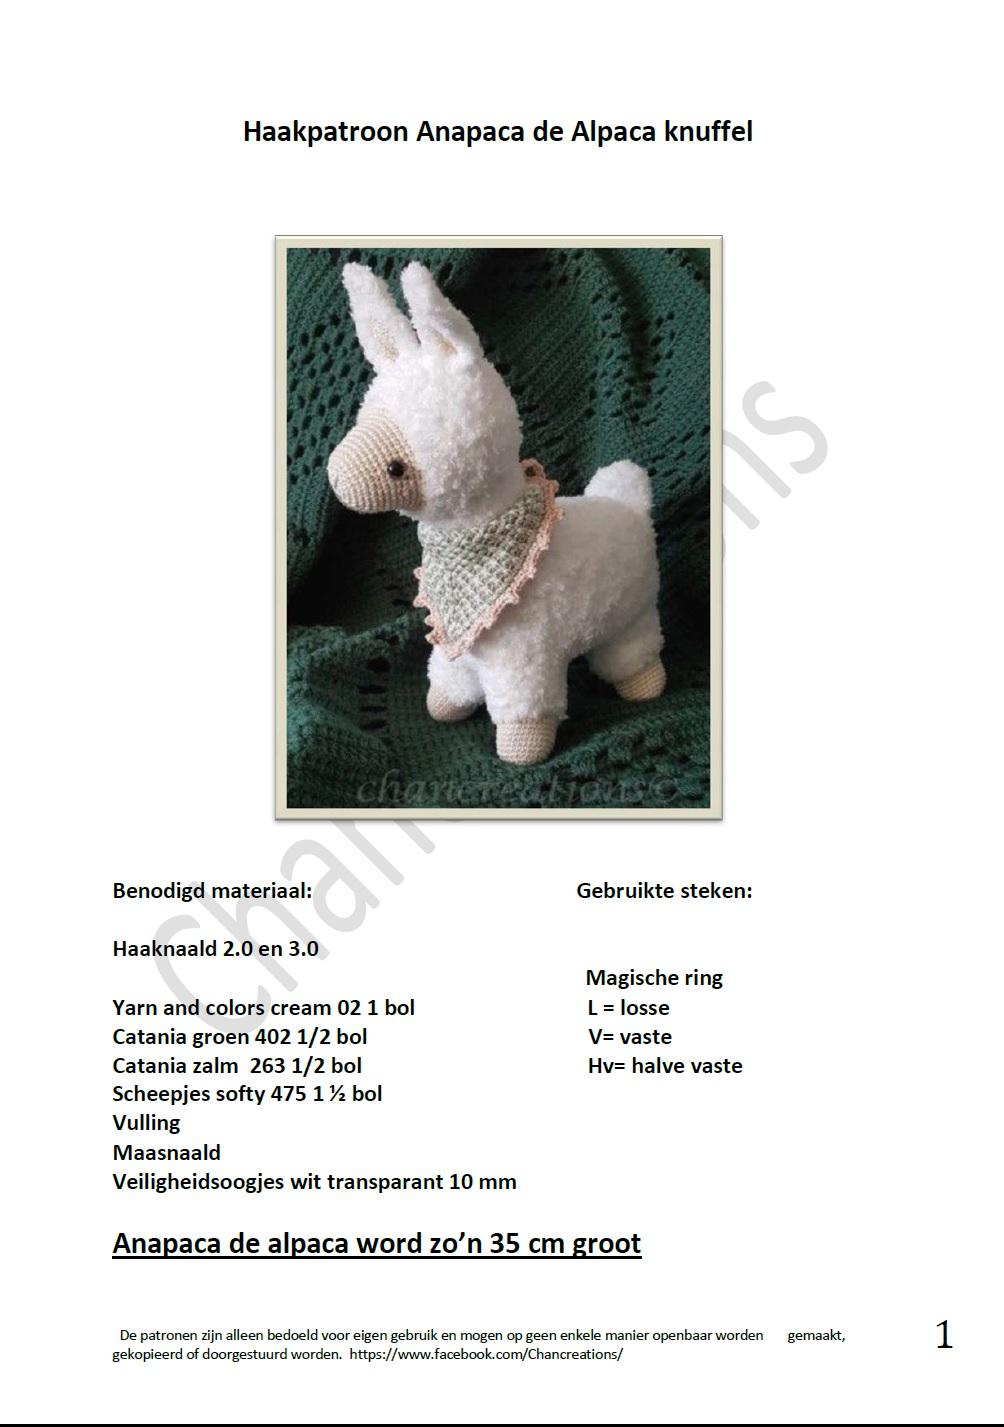 Haakpatroon anapaca de alpaca knuffel